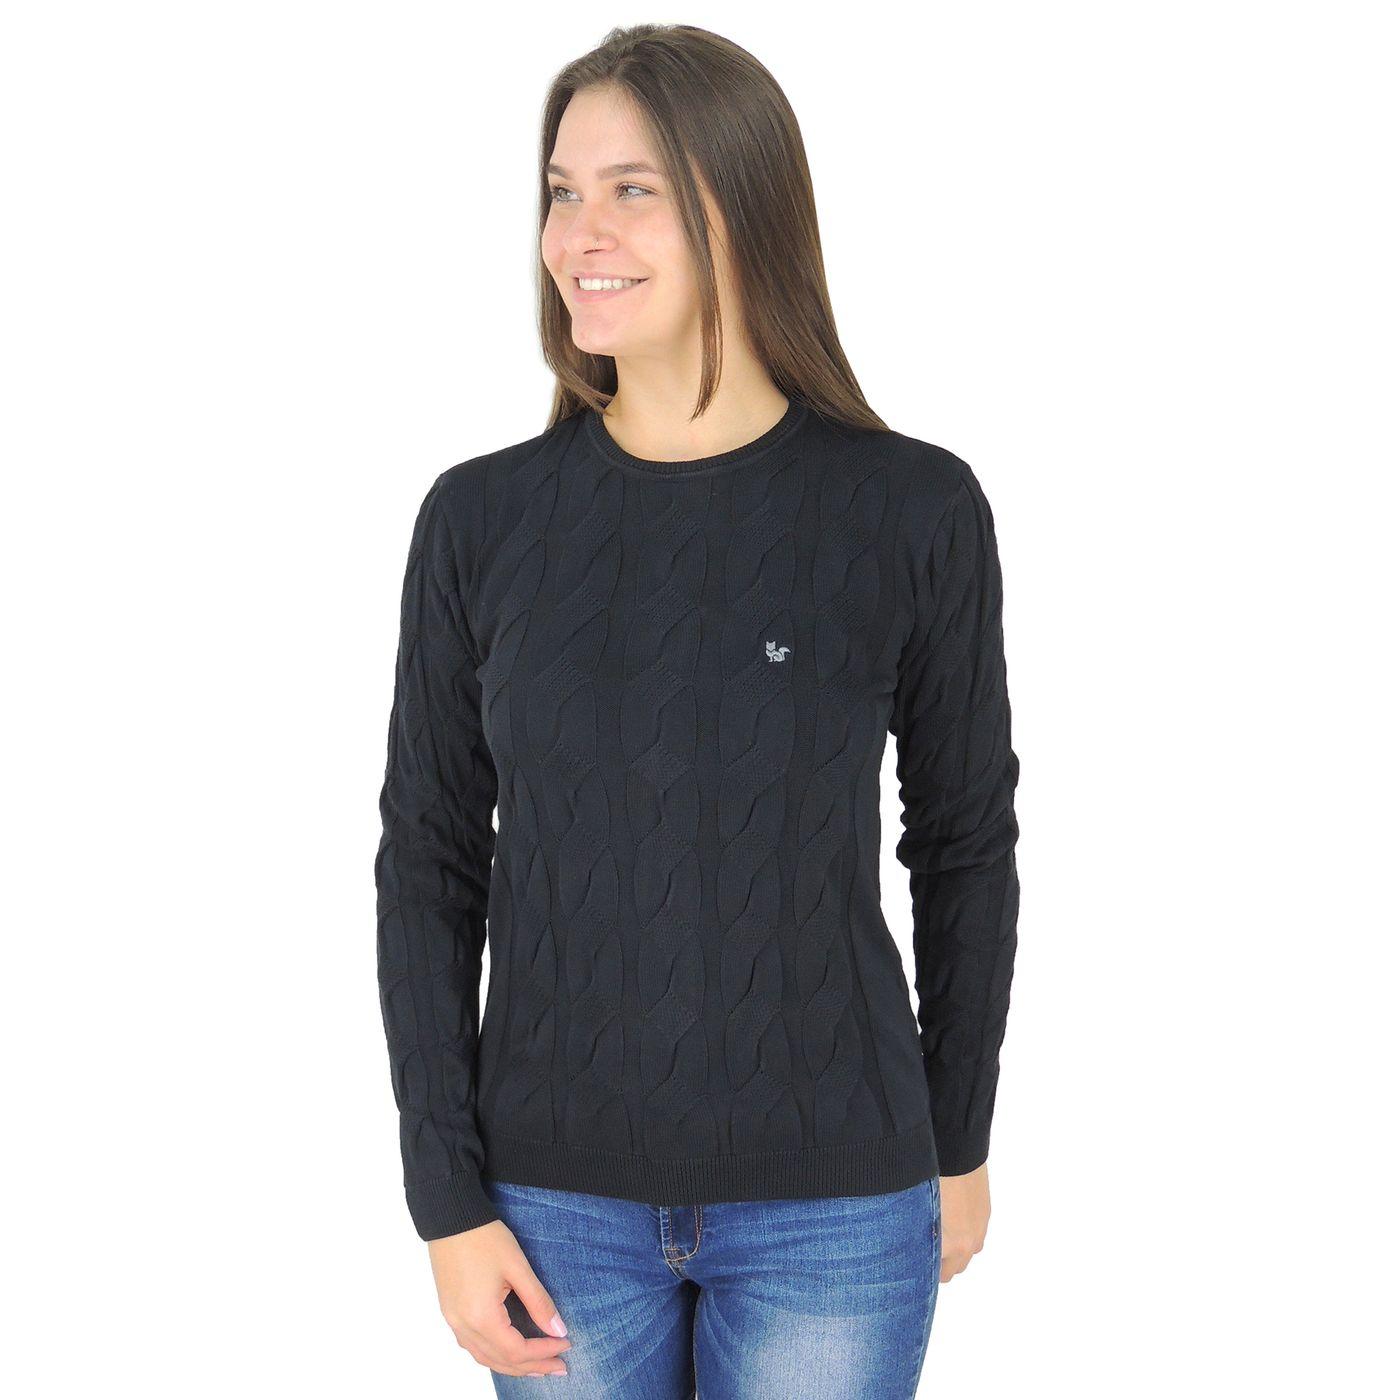 Suéter Feminino Preto em tricô 100% algodão Premium - fieroshop fa0a7048932